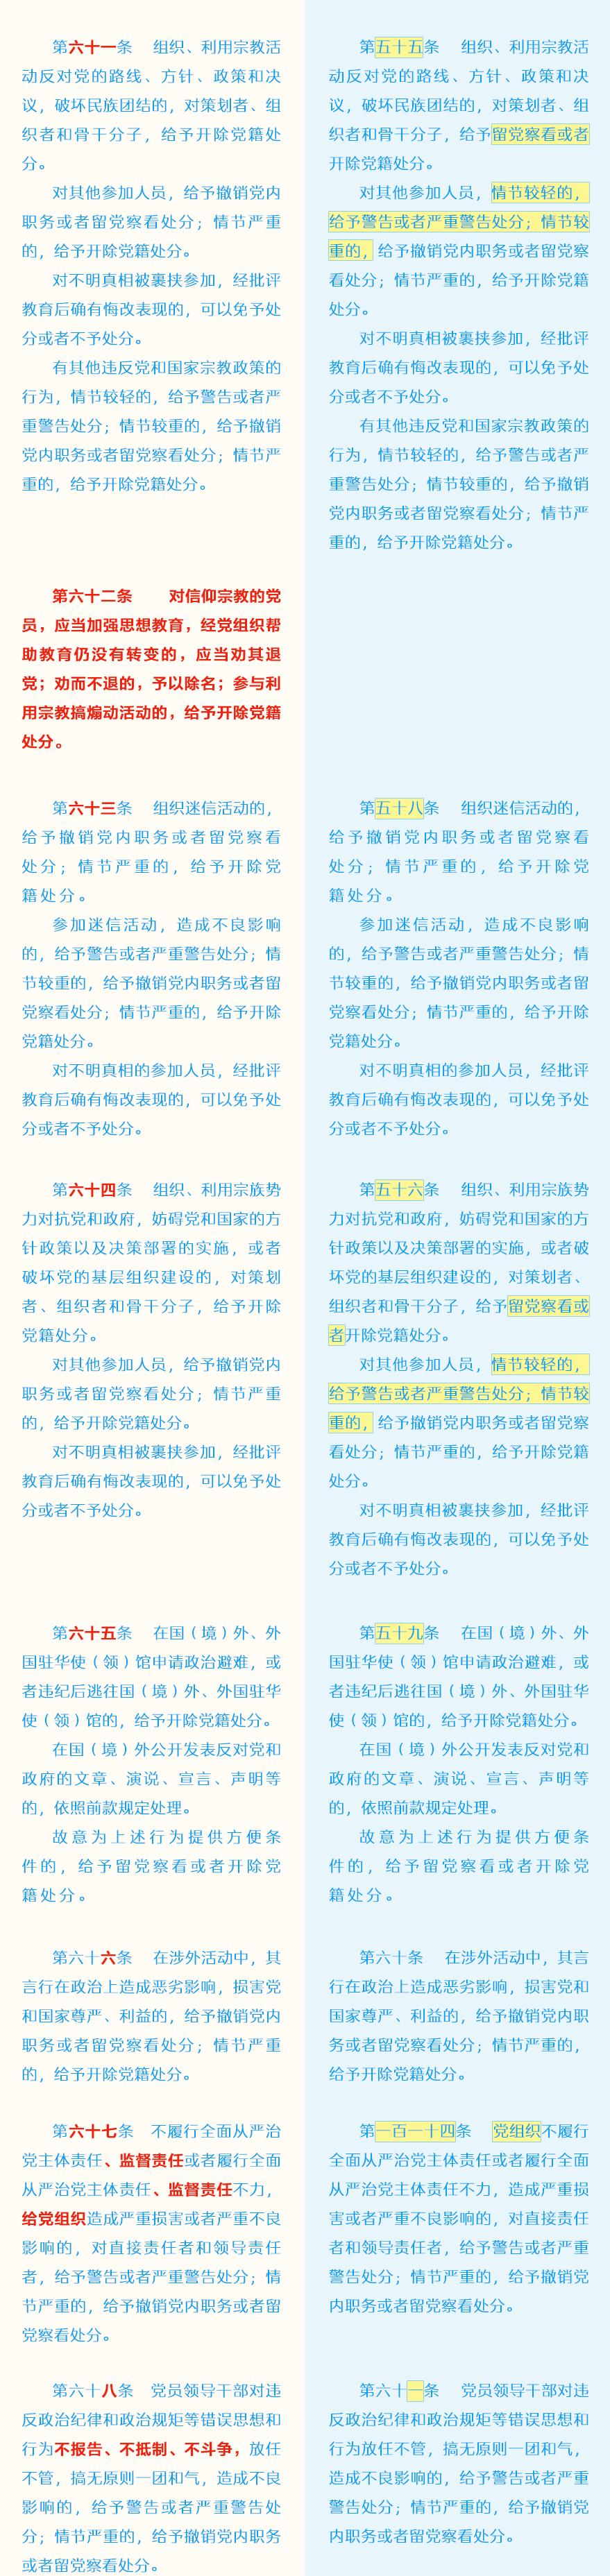 《中国共产党纪律处分条例》修订前后对照表